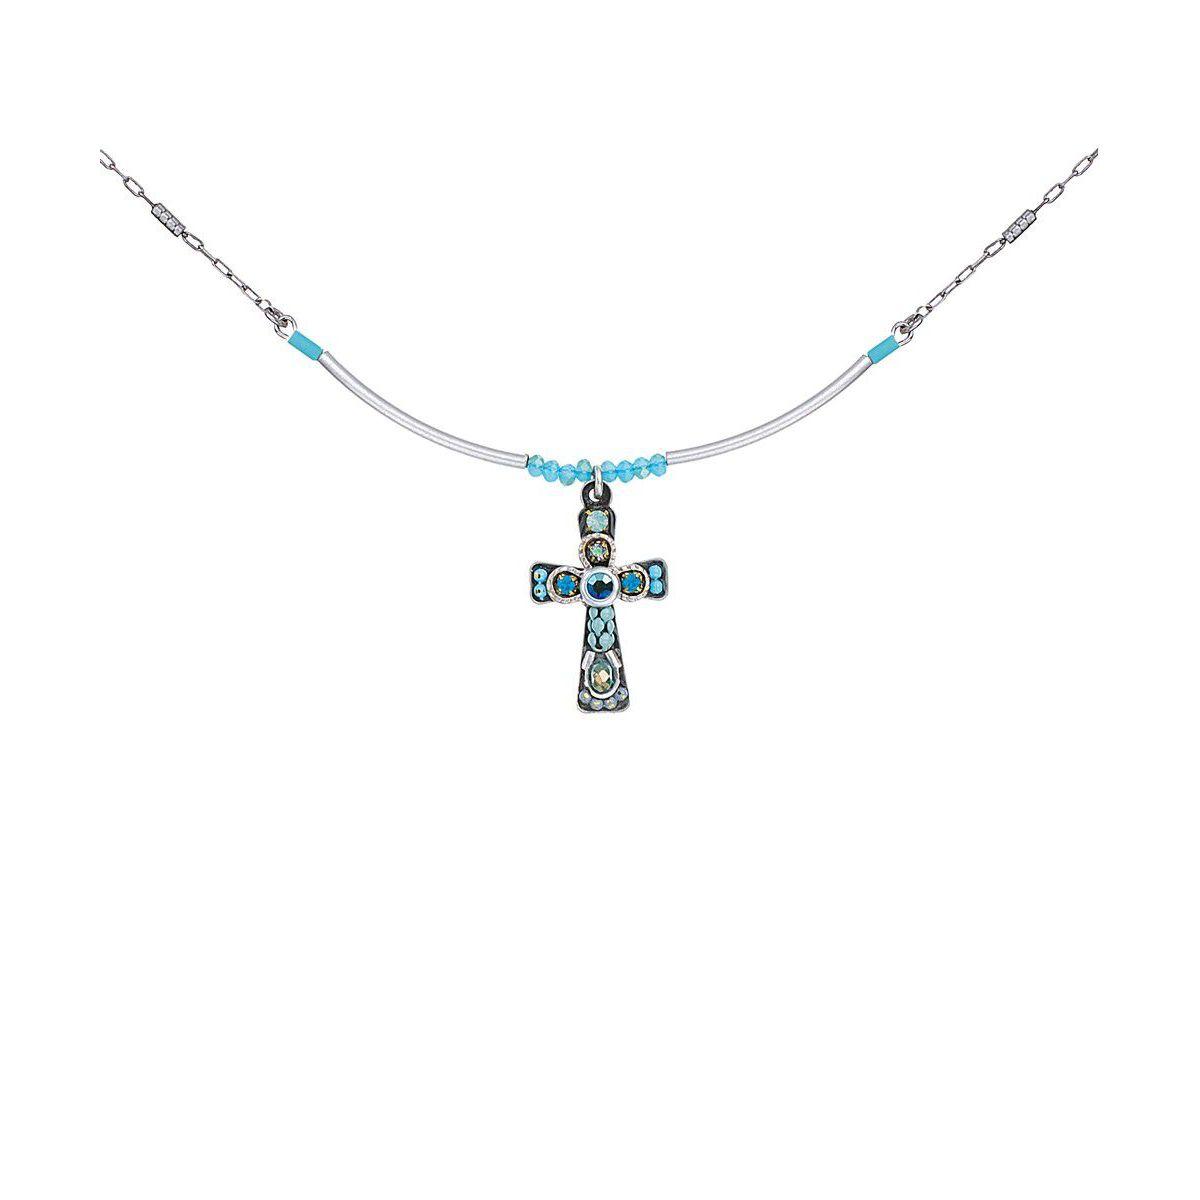 Blu sky Cross Necklace Turquoise AyalaBar